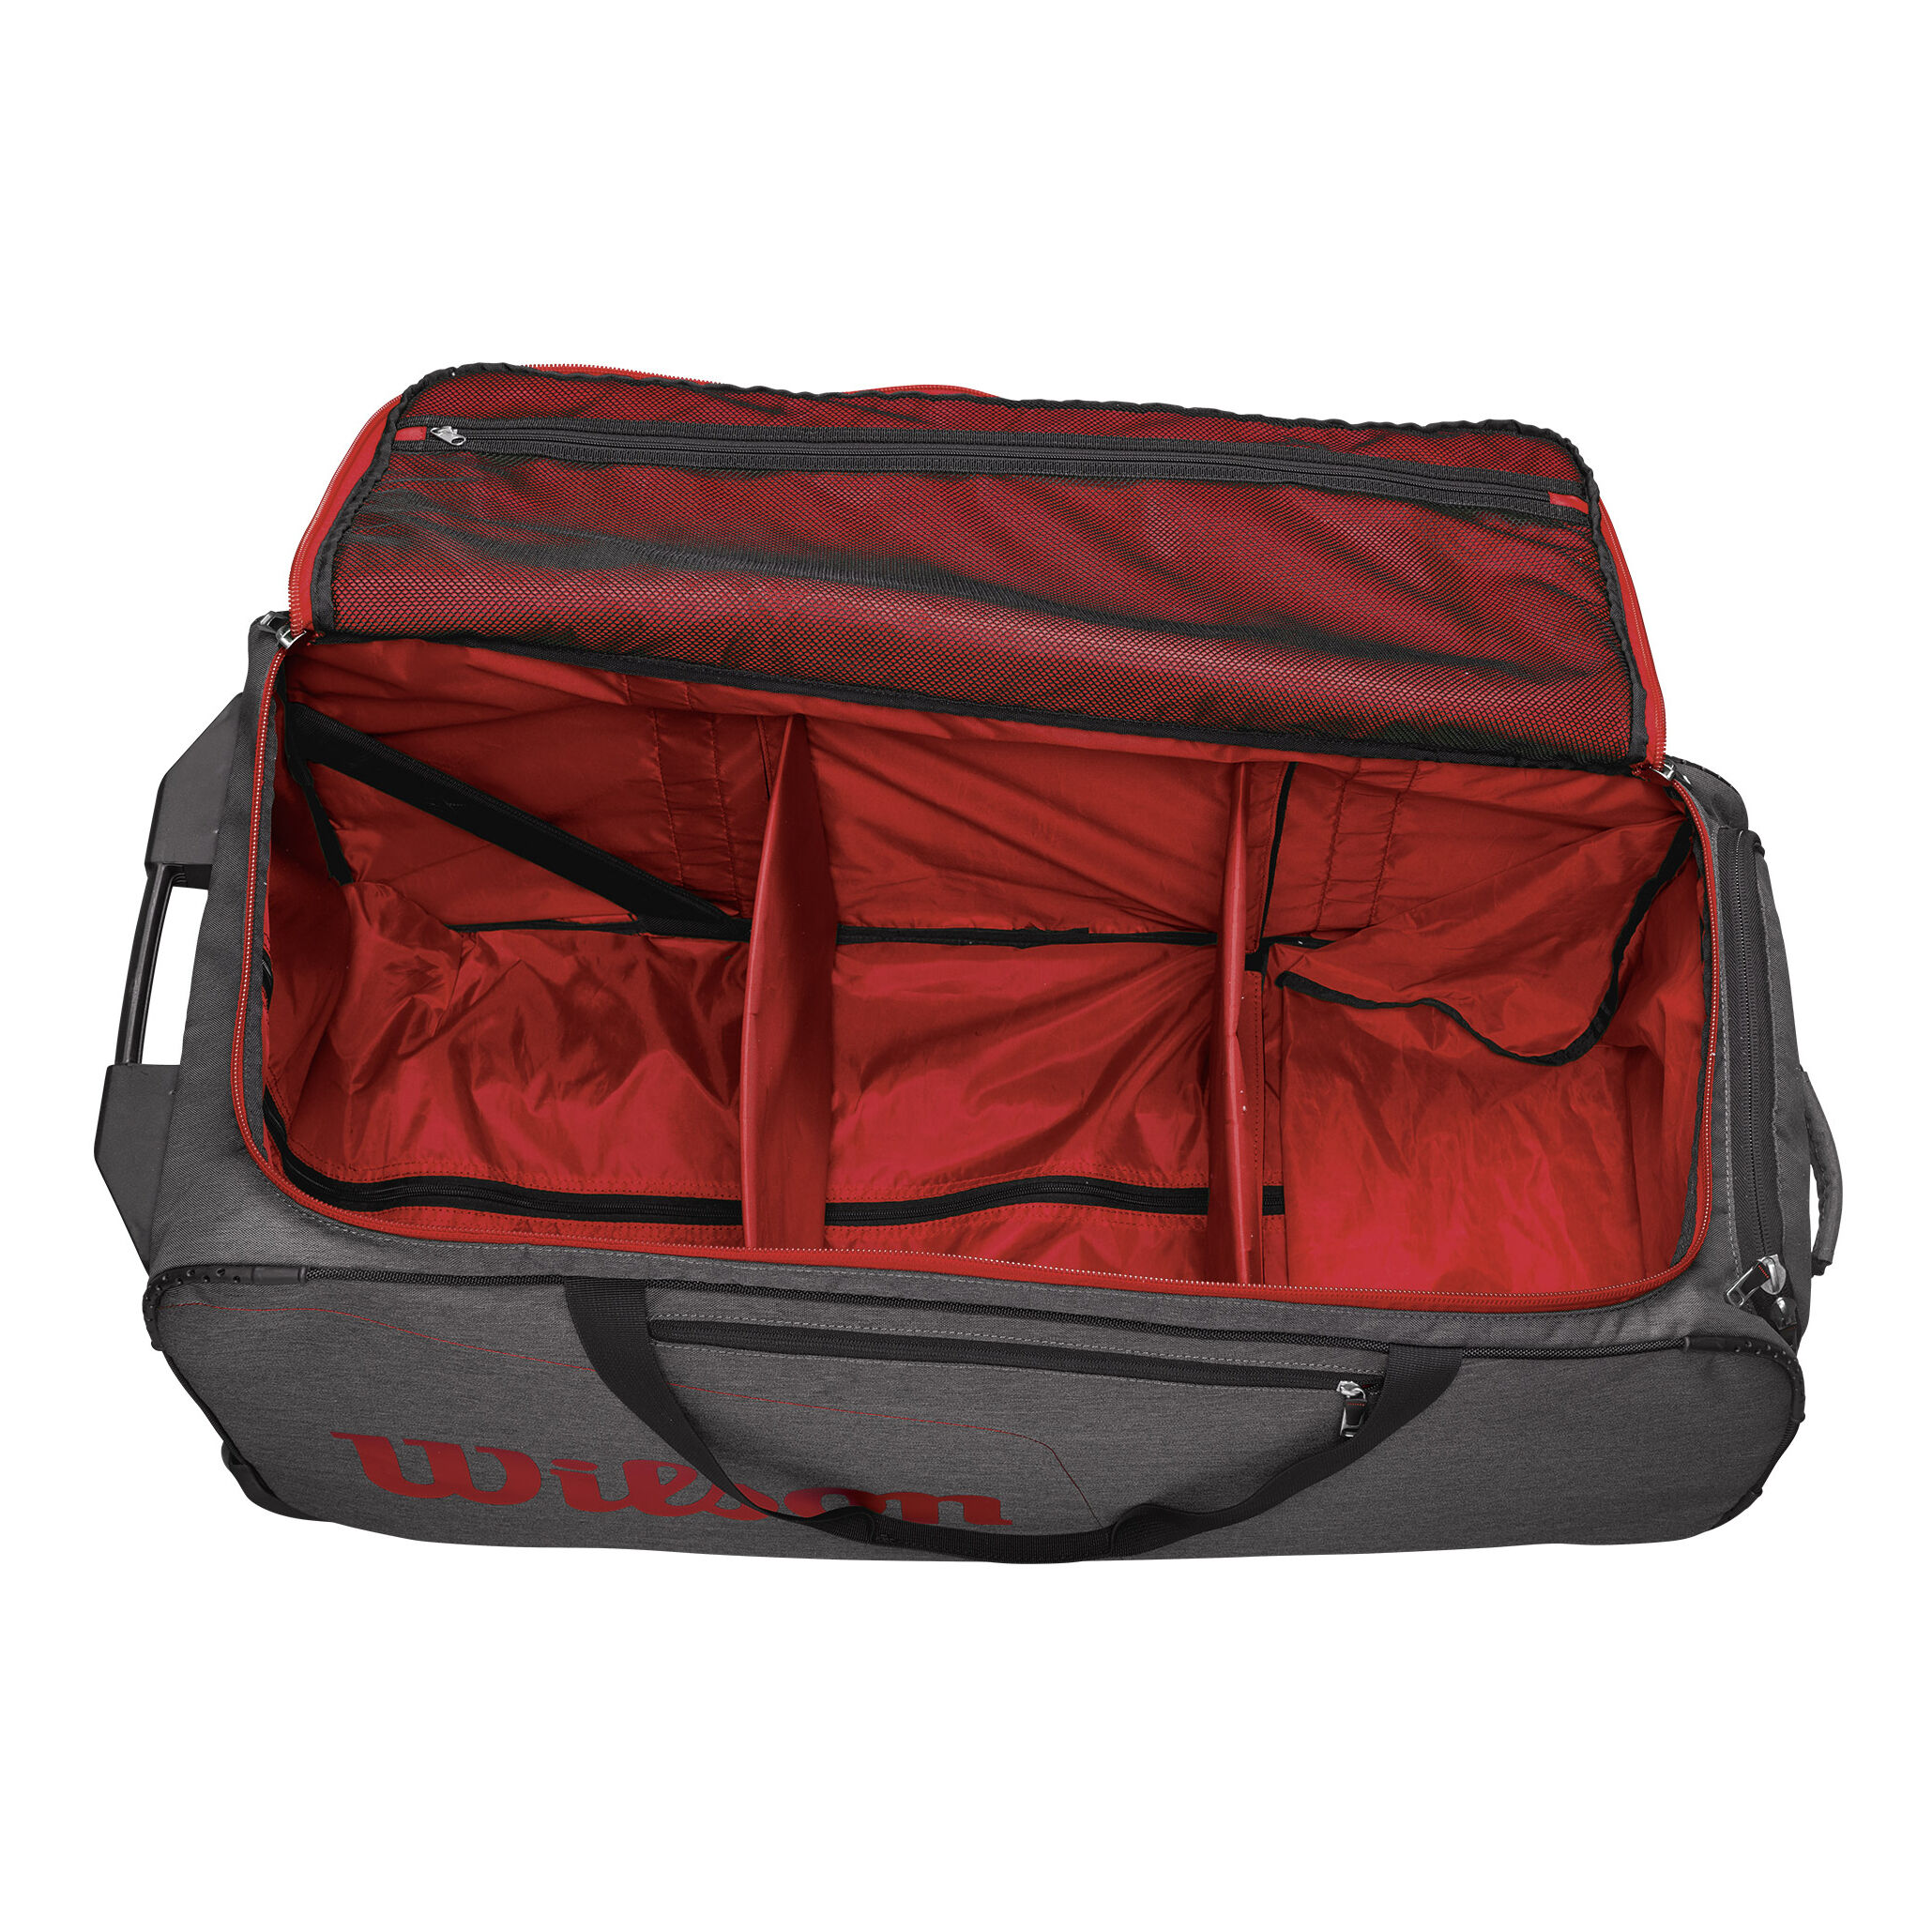 Wilson De Viaje Tour Traveller Bolsa GrisRojo Bag vmNn8wO0